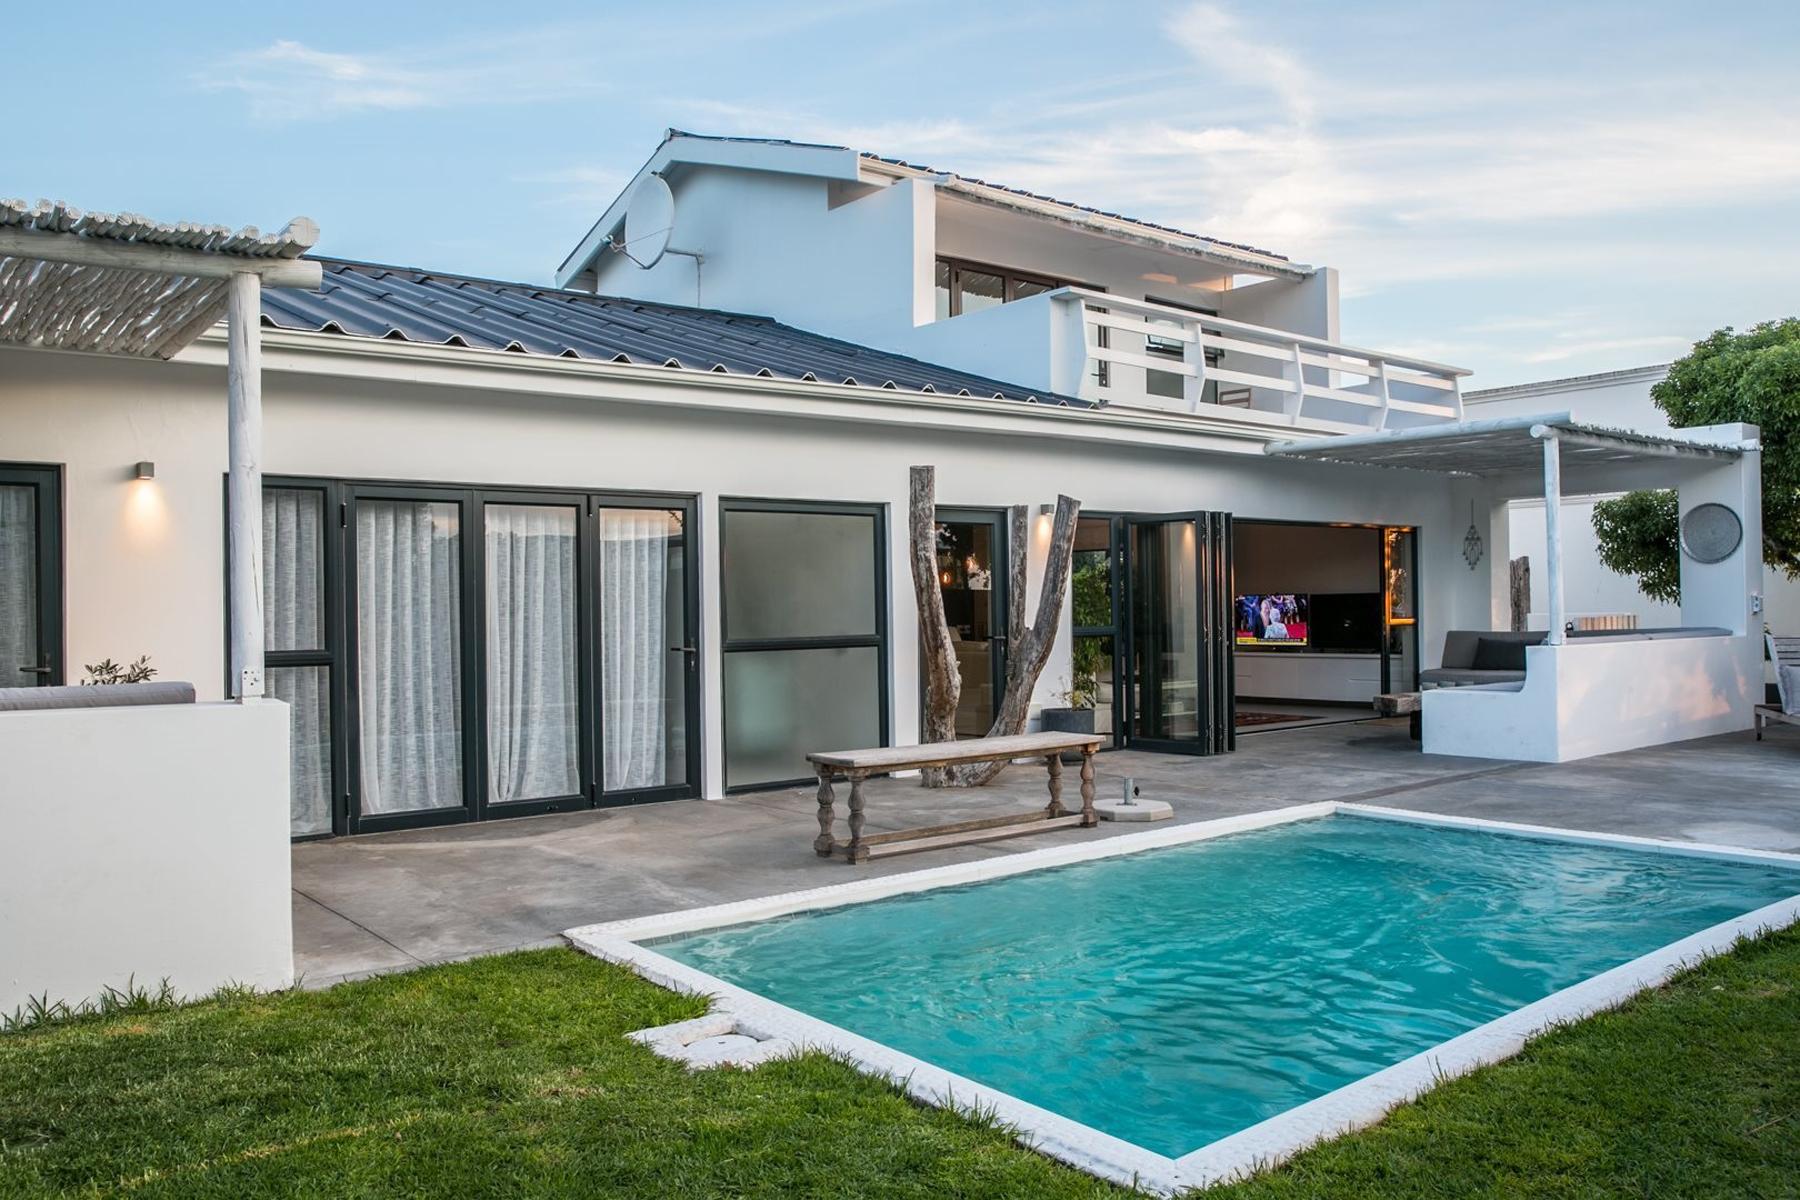 独户住宅 为 销售 在 Middedorp, Langebaan 西开普其他地方, 西开普省, 7357 南非